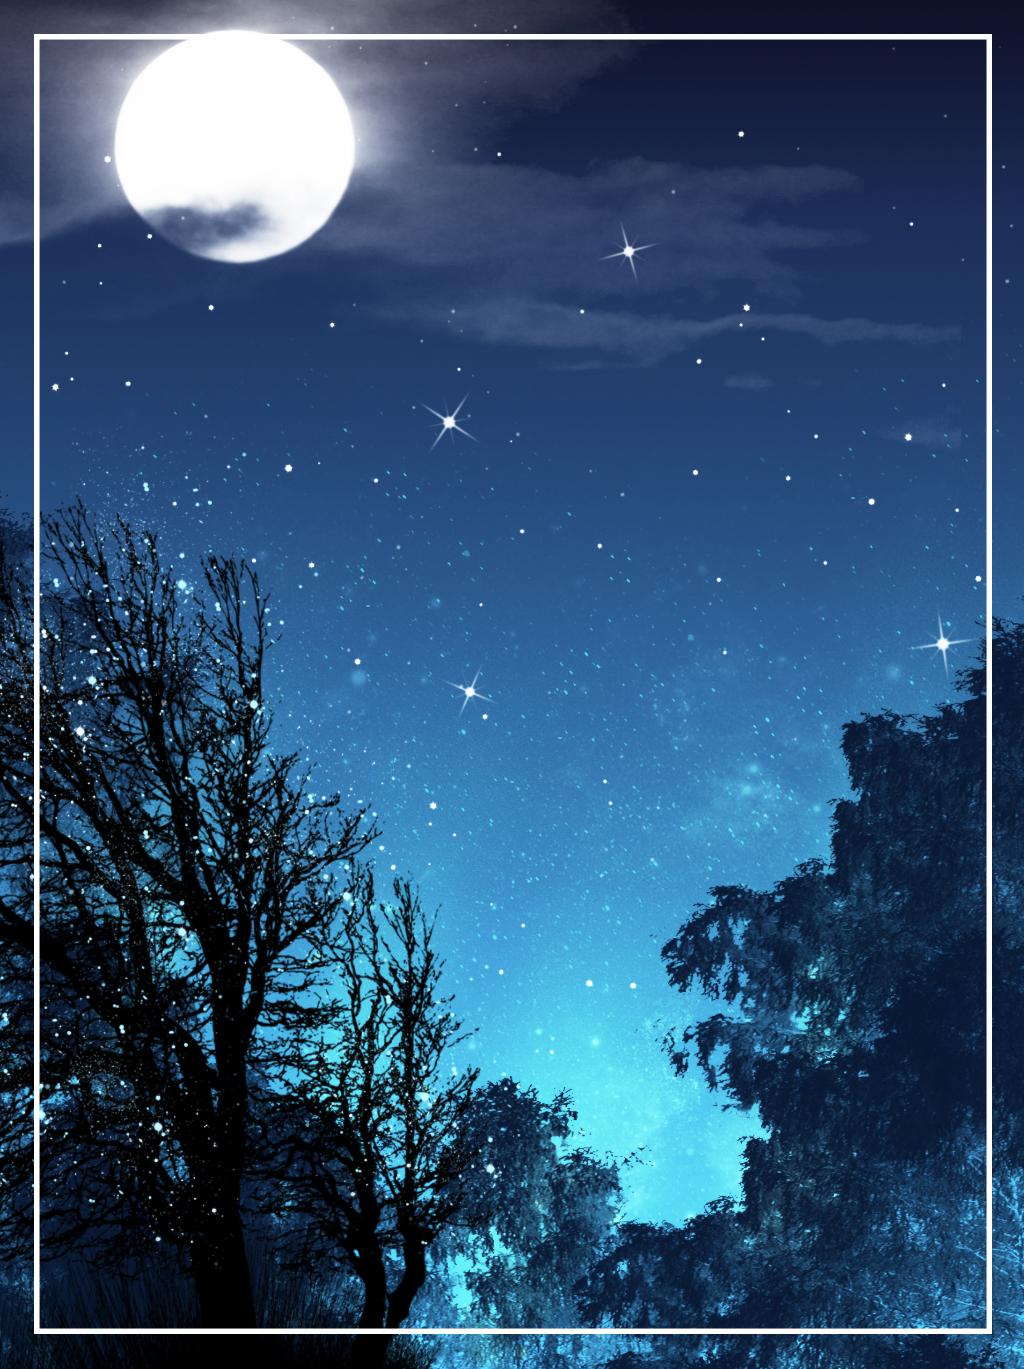 красивые картинки луны и звезд вертикально окна